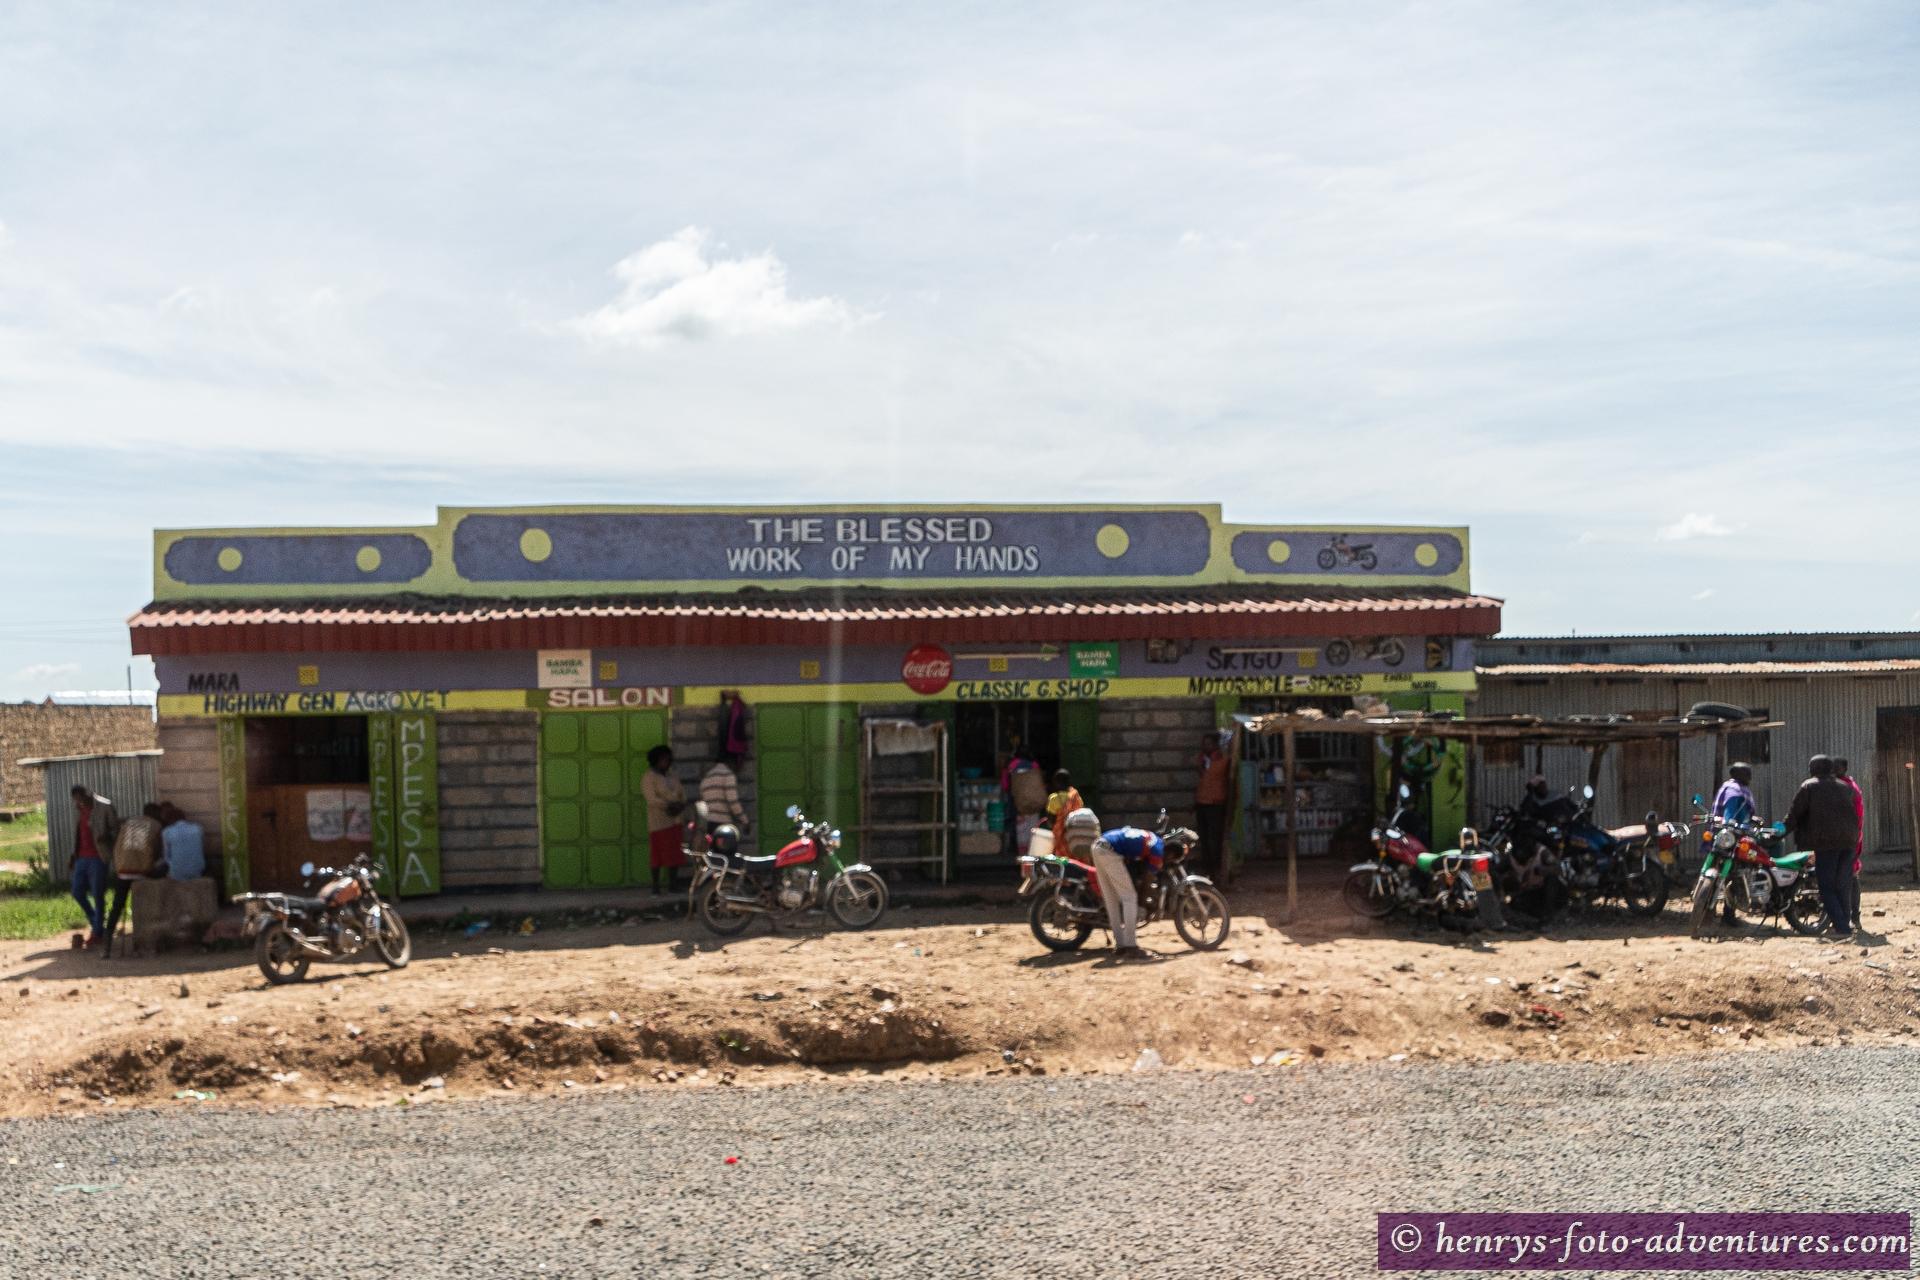 Motorrad-Taxi sind hier sehr beliebt und günstig